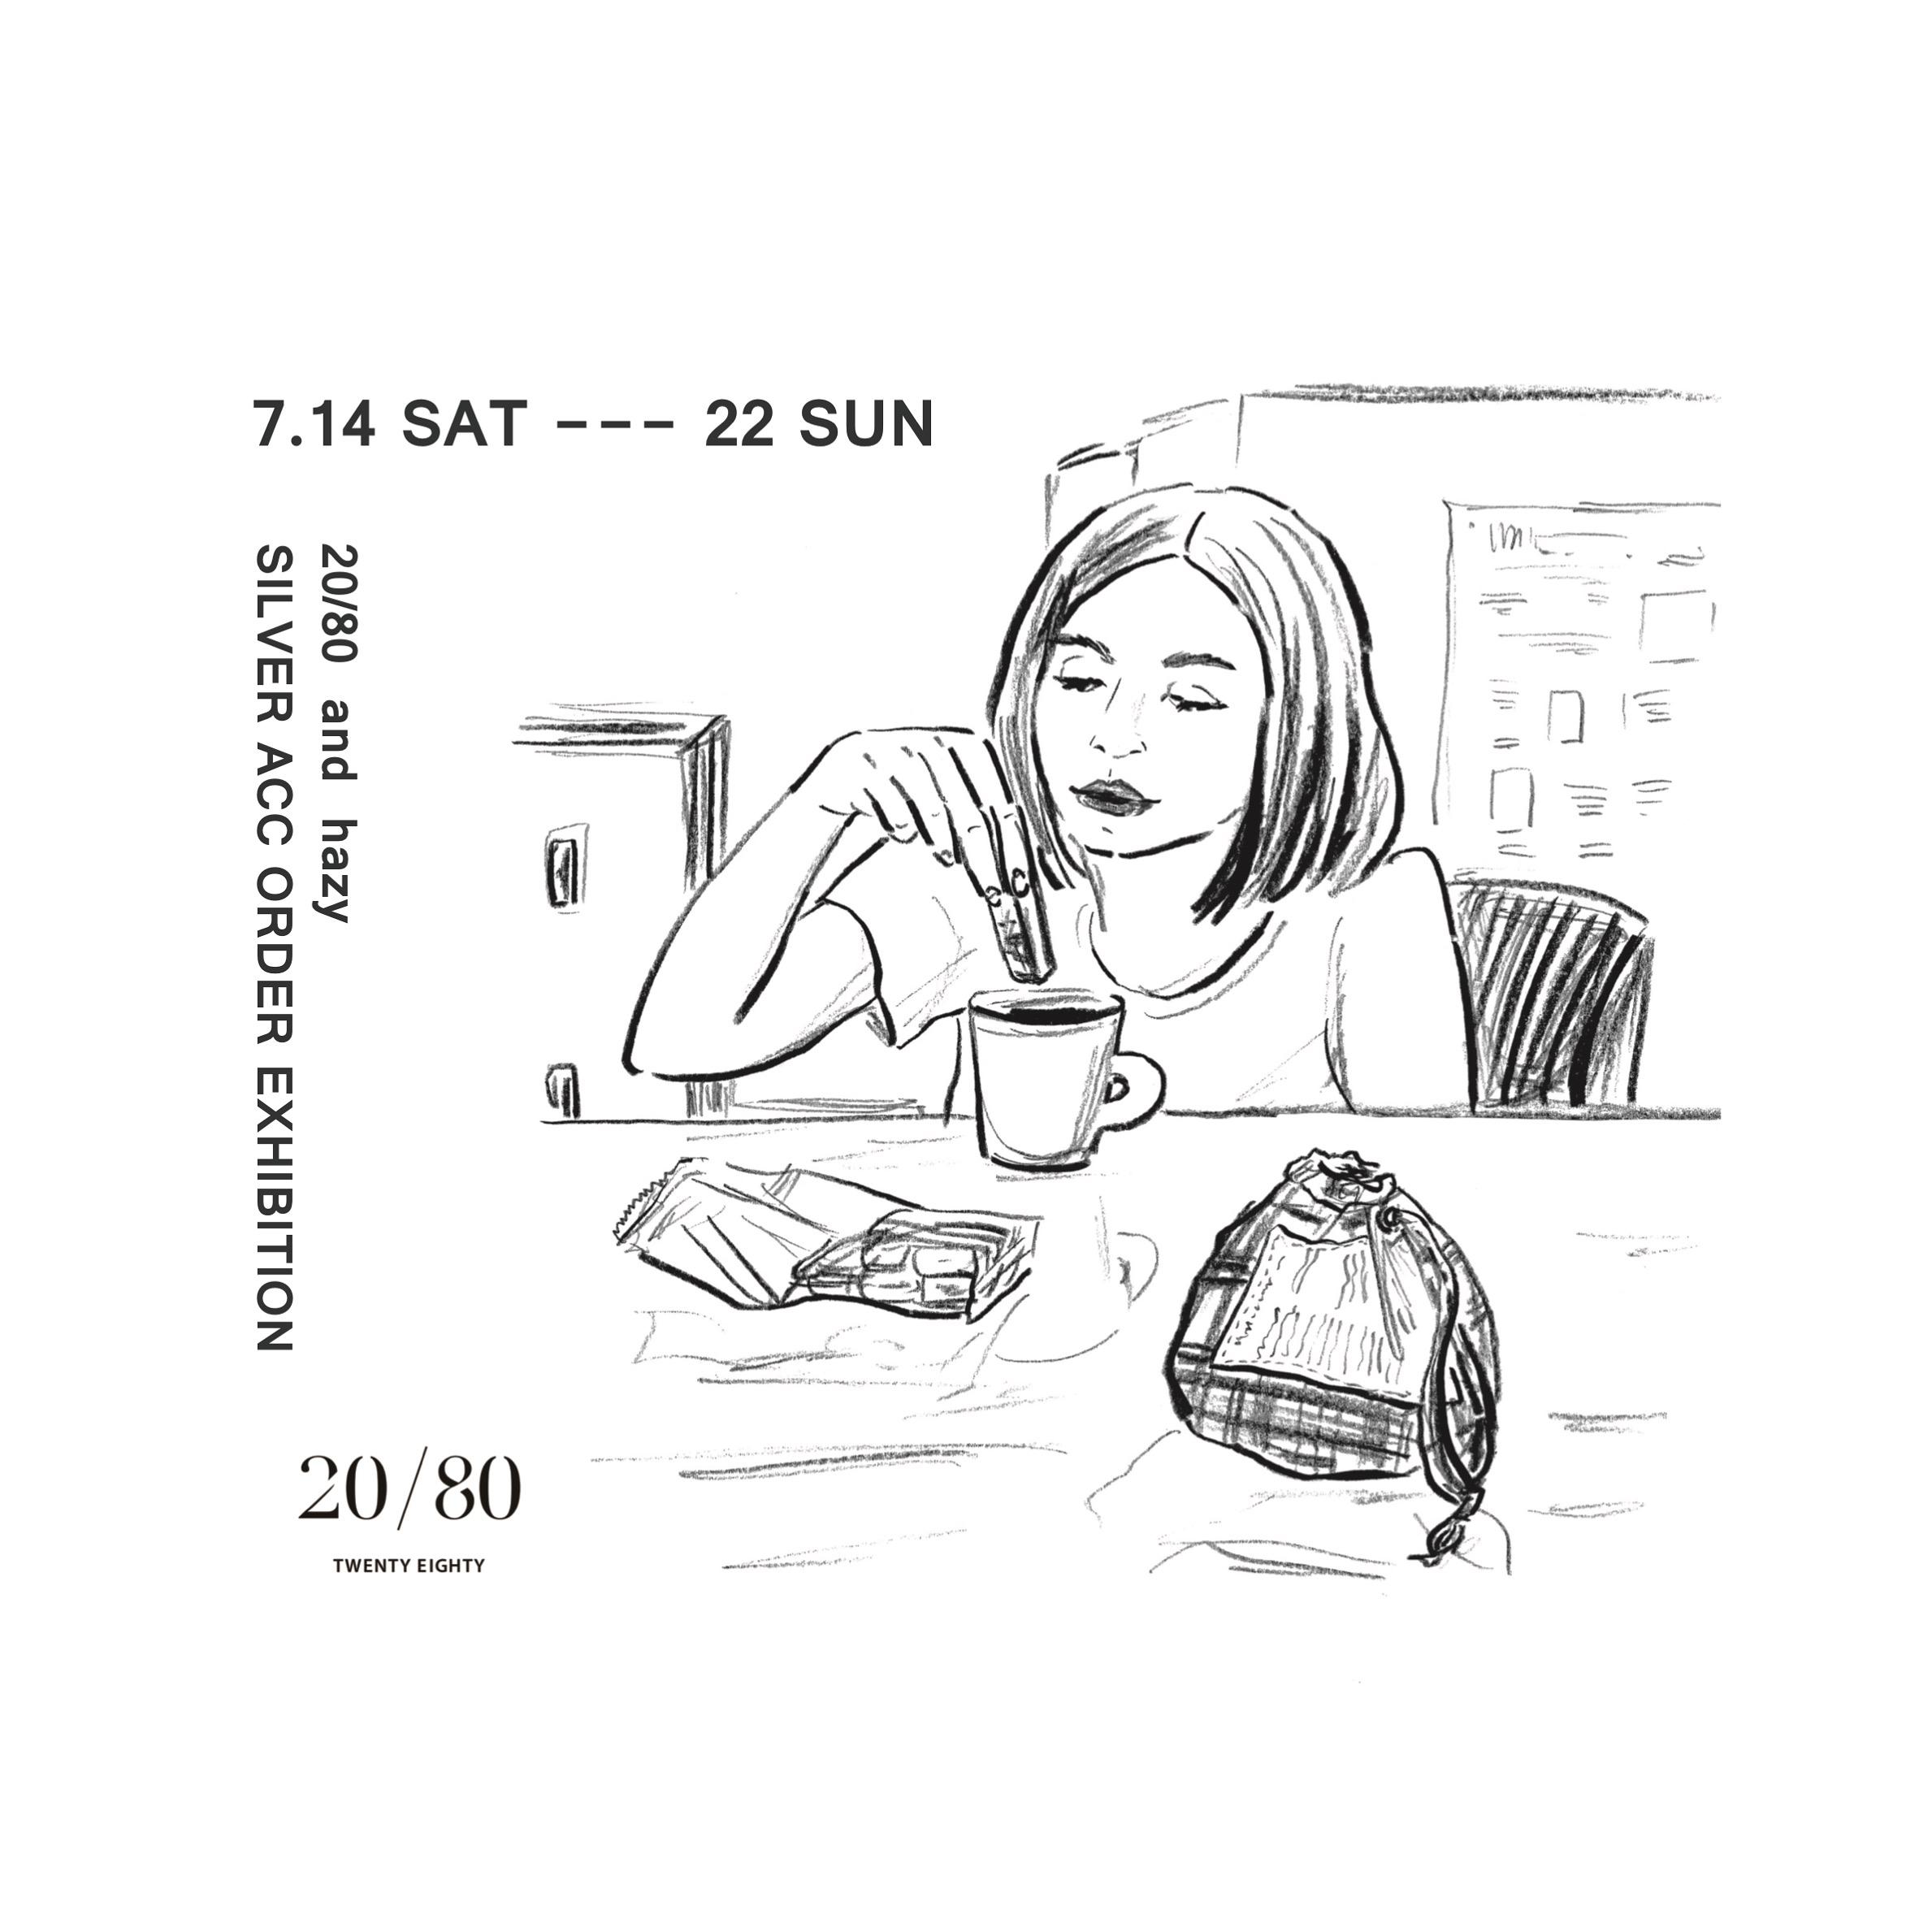 20/80 & hazyの別注アクセサリーオーダー会のお知らせ